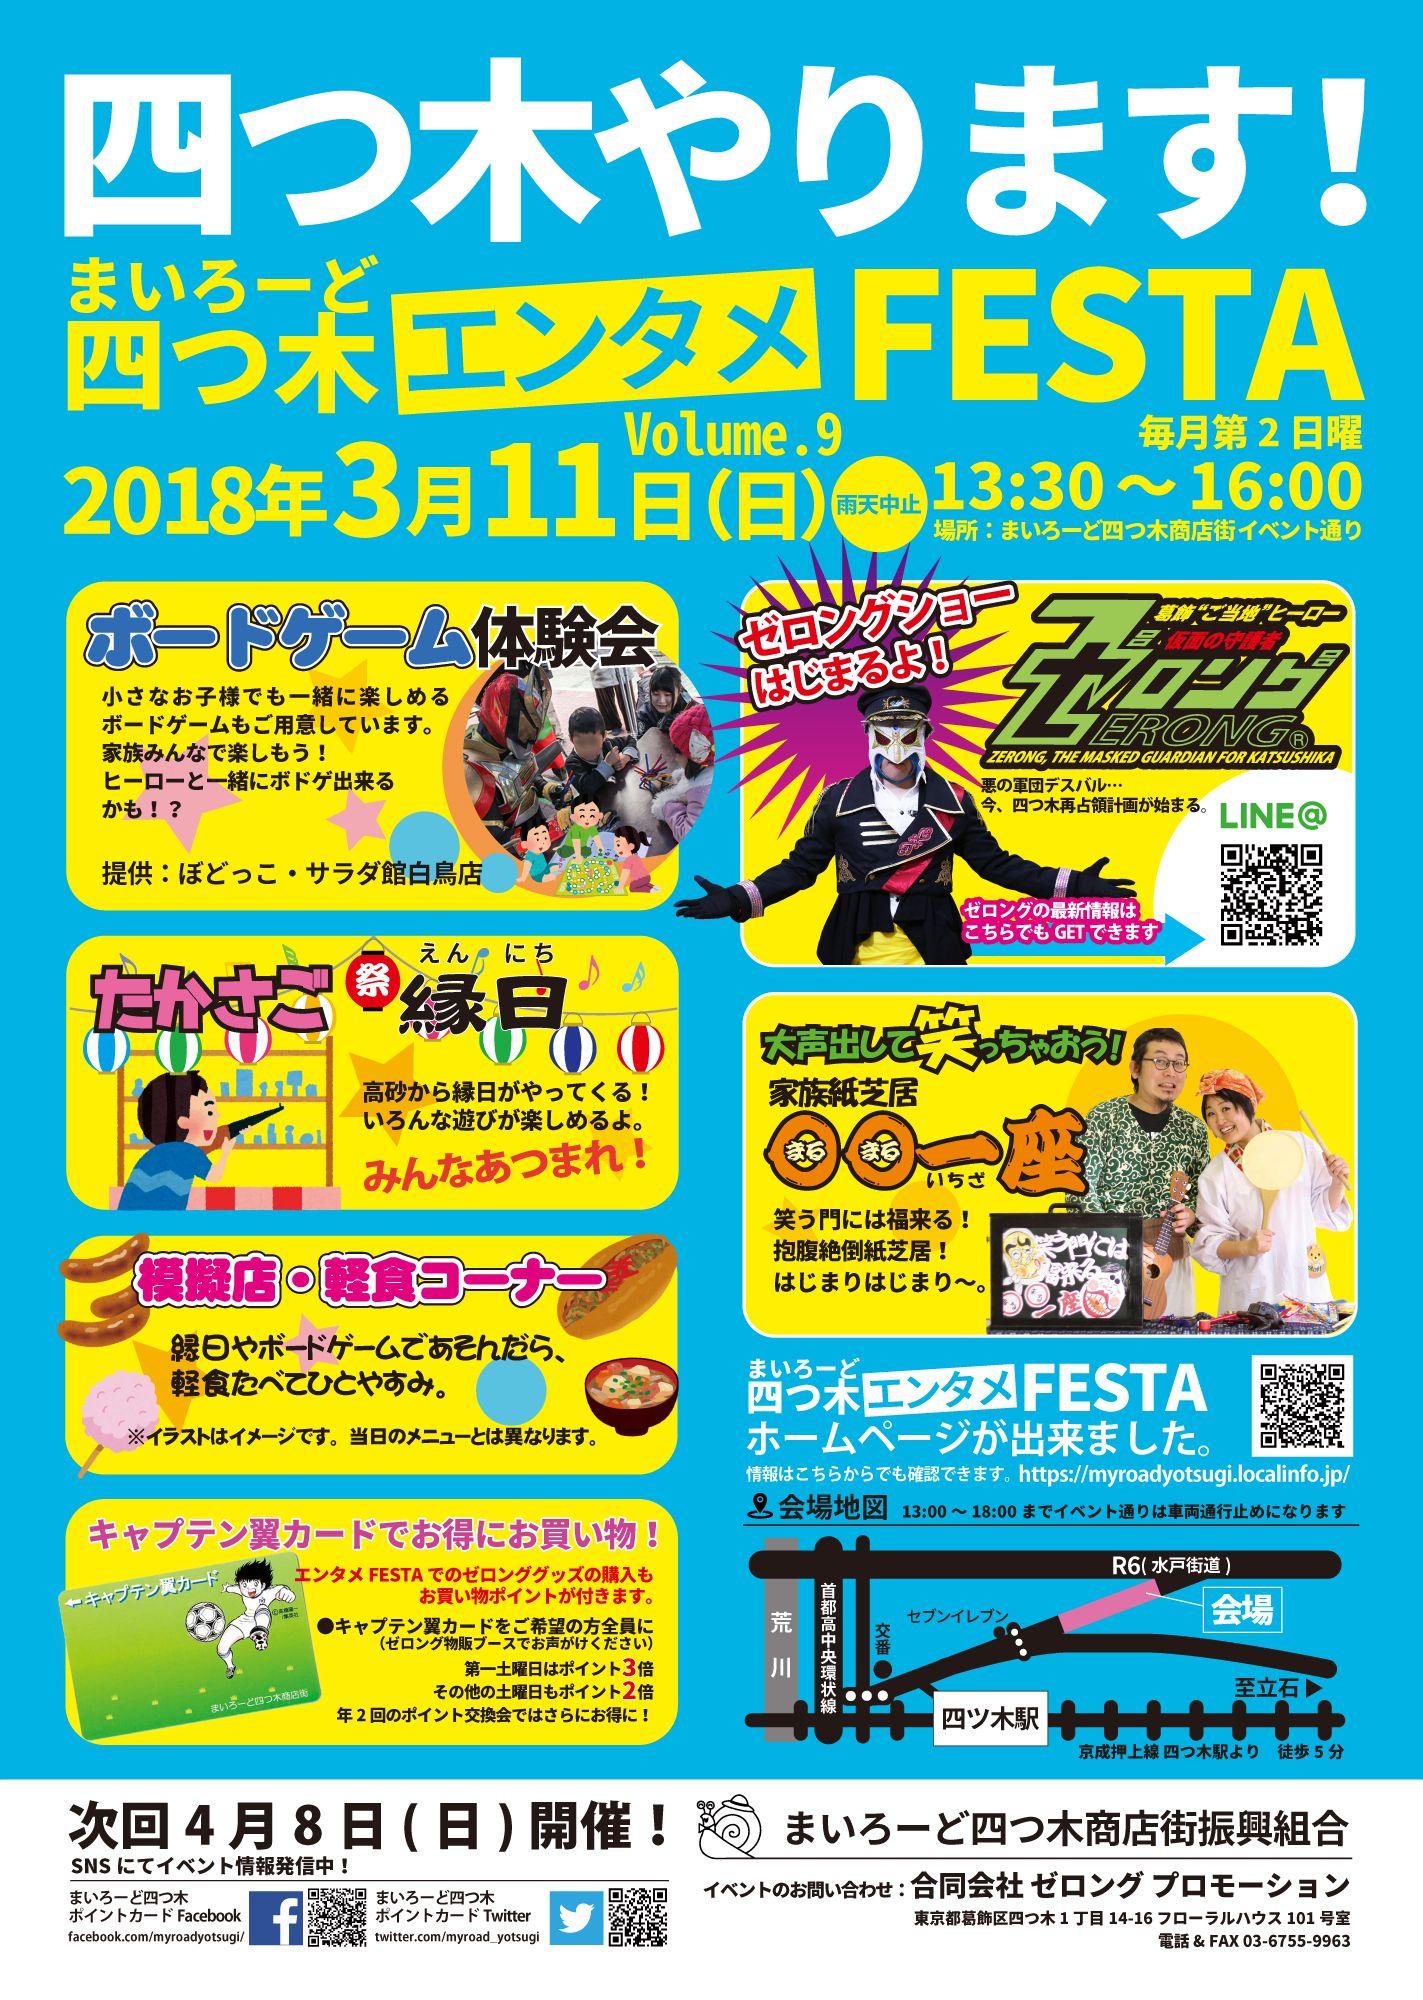 2018年3月11日(日)「まいろーど四つ木エンタメFESTA volume.9」